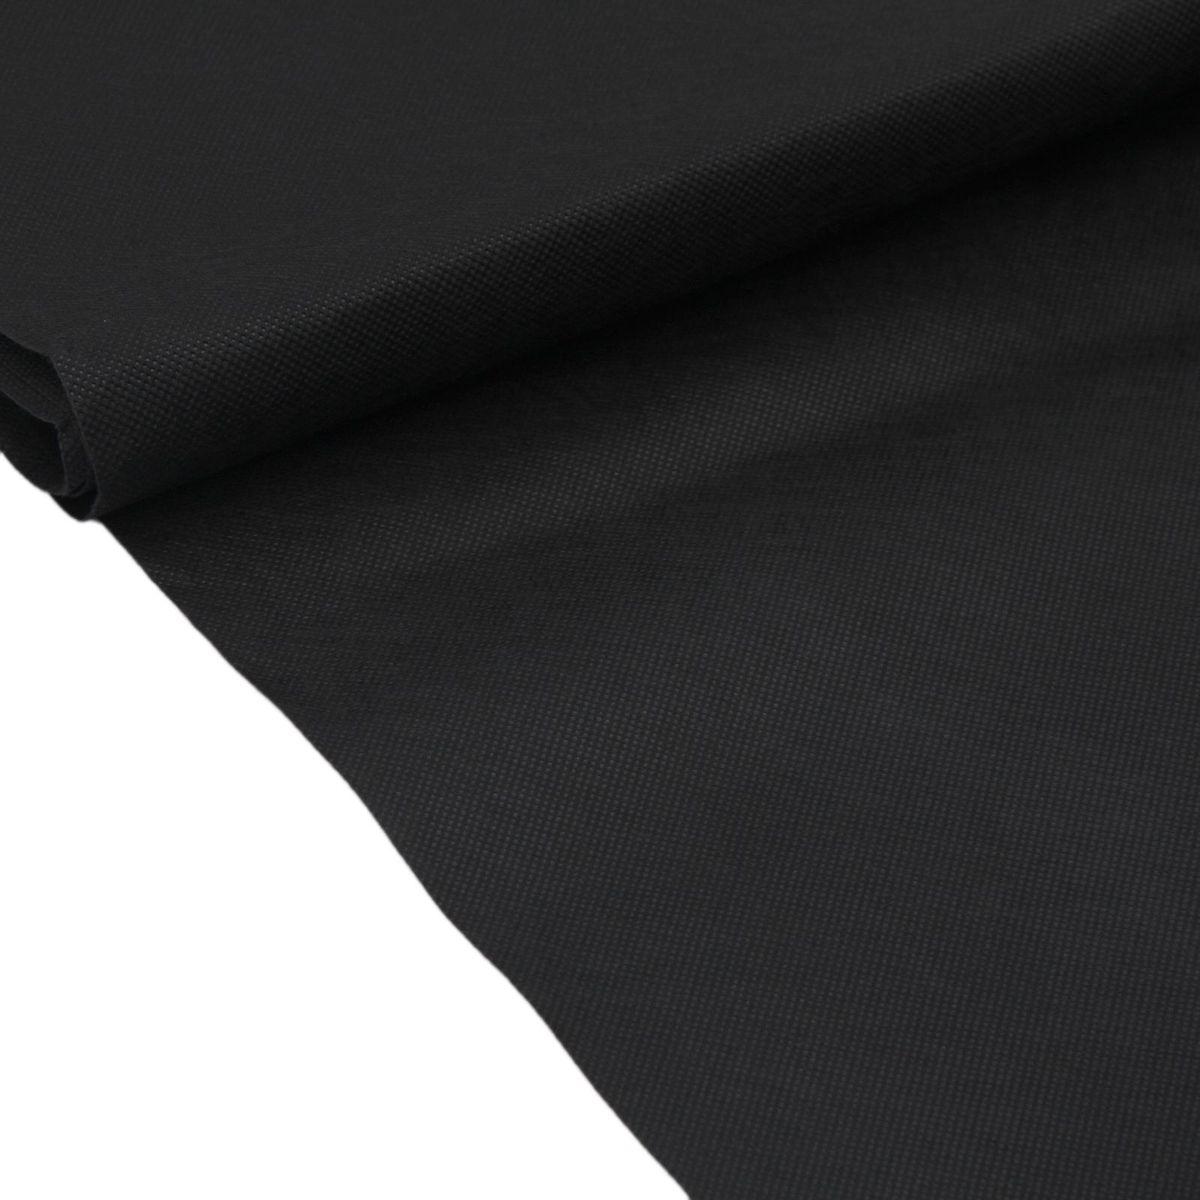 Материал укрывной Агротекс, цвет: черный, 0,8 х 12 м 1309257RSP-202SНетканый материал для ландшафтных работ применяется на любых садово-огородных участках. С его помощью создают садовые дорожки, лёгкие парковки, альпинарии и газоны. Но чем же он так привлекает садоводов по всему миру?Защищает нижние слои дренажа от ухода в грунт.Защищает грунт от проседания и размывания.Защищает гравий, почву и песок от смешивания.Сокращает рост и размножение сорняков.Как его использовать?Делаем срез земли необходимой глубины.Укладываем нетканый материал «Агротекс» на дно образовавшегося углубления.Края полотна загибаем вверх на высоту слоя щебня.Засыпаем щебень и расстилаем второй слой нетканого материала.Засыпаем песок на необходимую высоту.В зависимости от целей можно использовать третий слой материала «Агротекс» между песком и покрытием. Нетканый материал имеет УФ-стабилизатор и высокую светостойкость.Плотность: 120 г,м?.